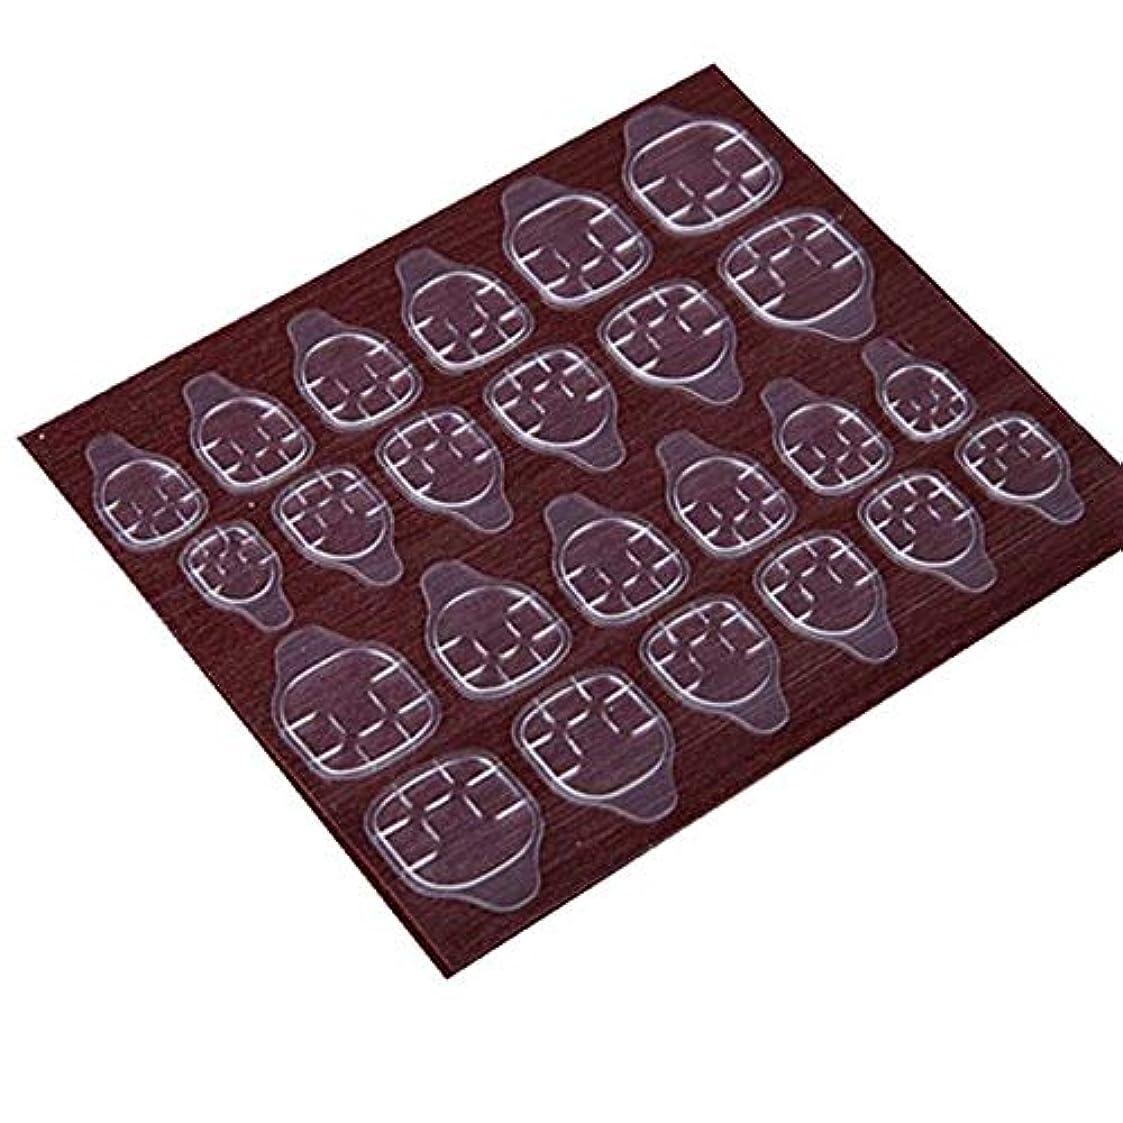 袋悲惨勘違いするYUJIA 高品質 240枚/セット ネイルチップ接着剤 ゼリー両面接着剤 ネイルチップ両面テープ つけ爪両面テープ (240枚/セット-つけ爪ゼリー両面テープ)